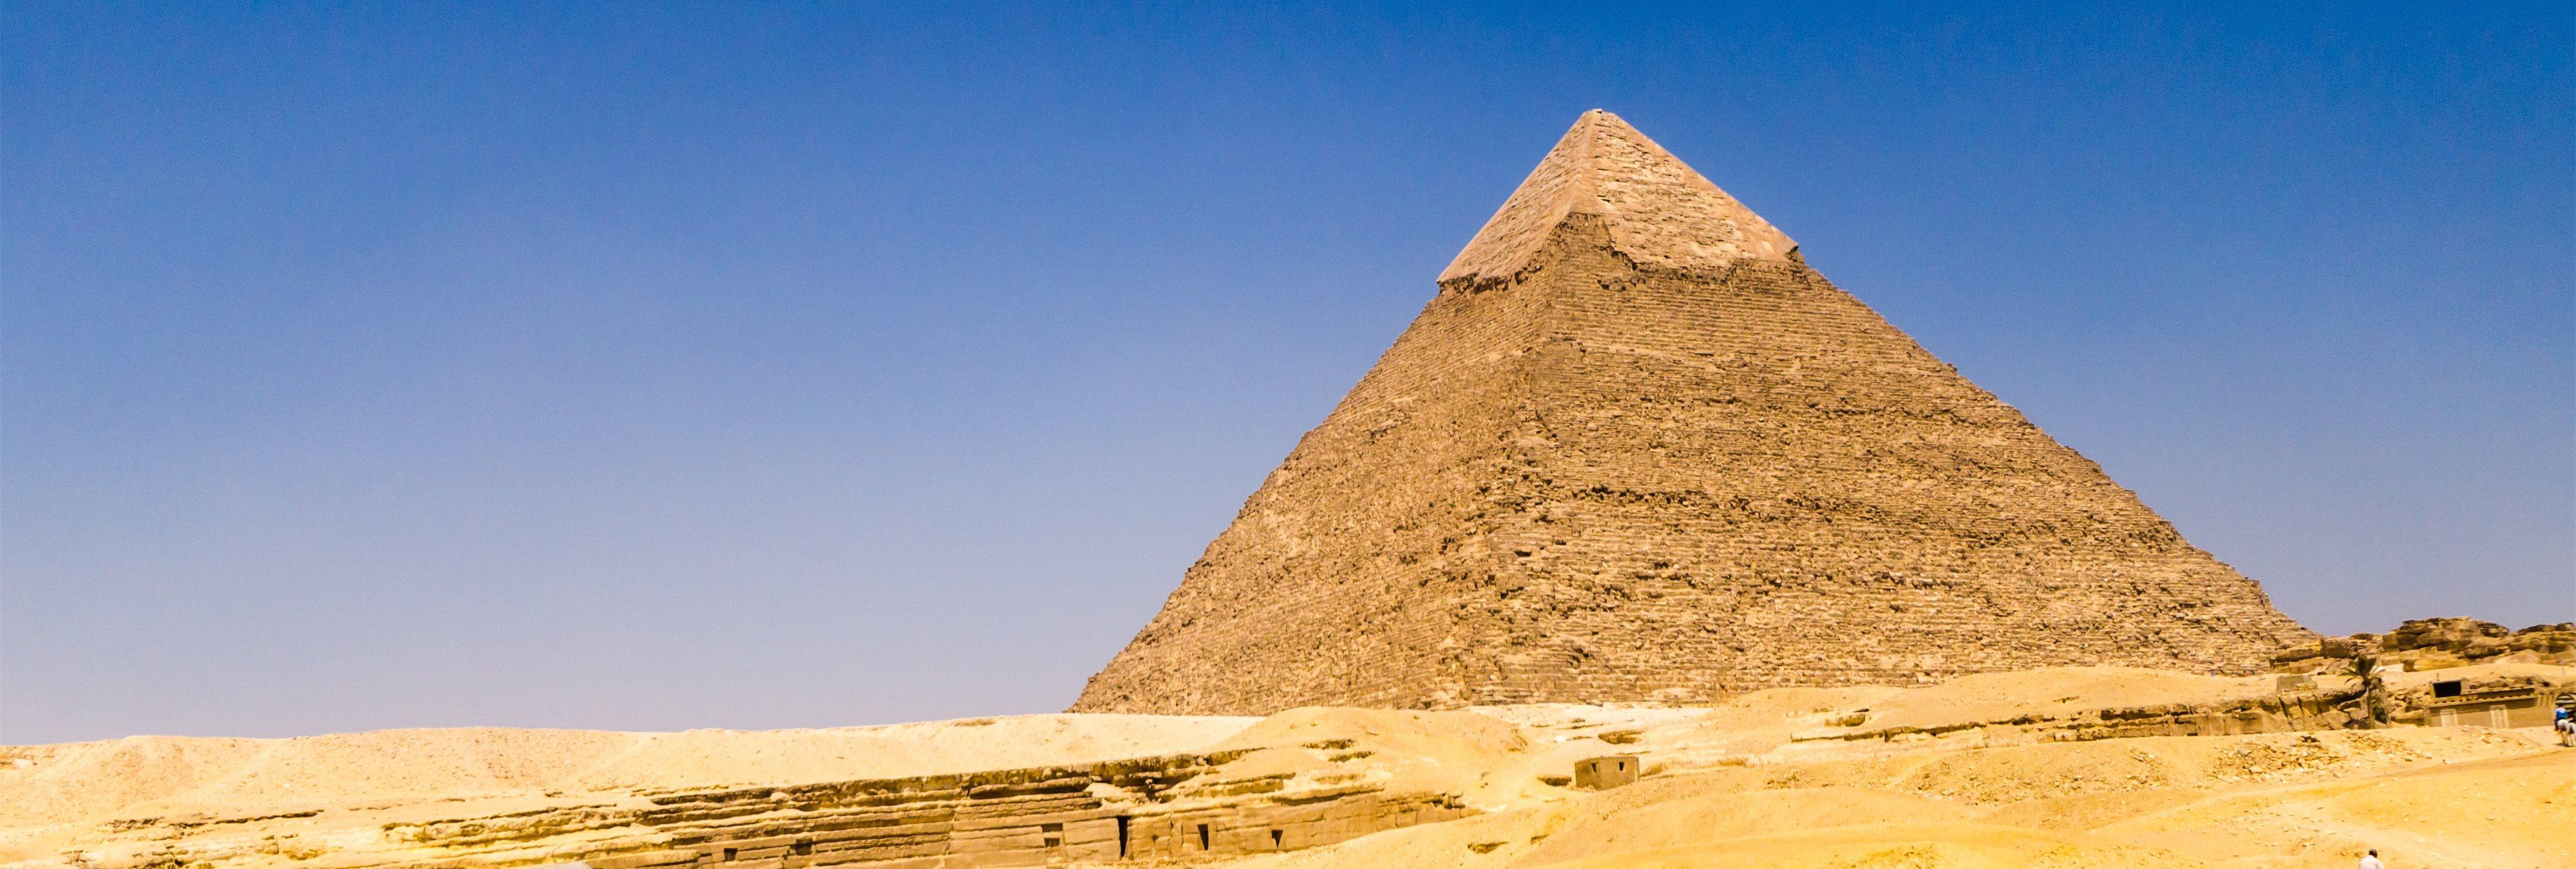 Investigadores descubren que la Pirámide de Guiza condensa energía electromagnética